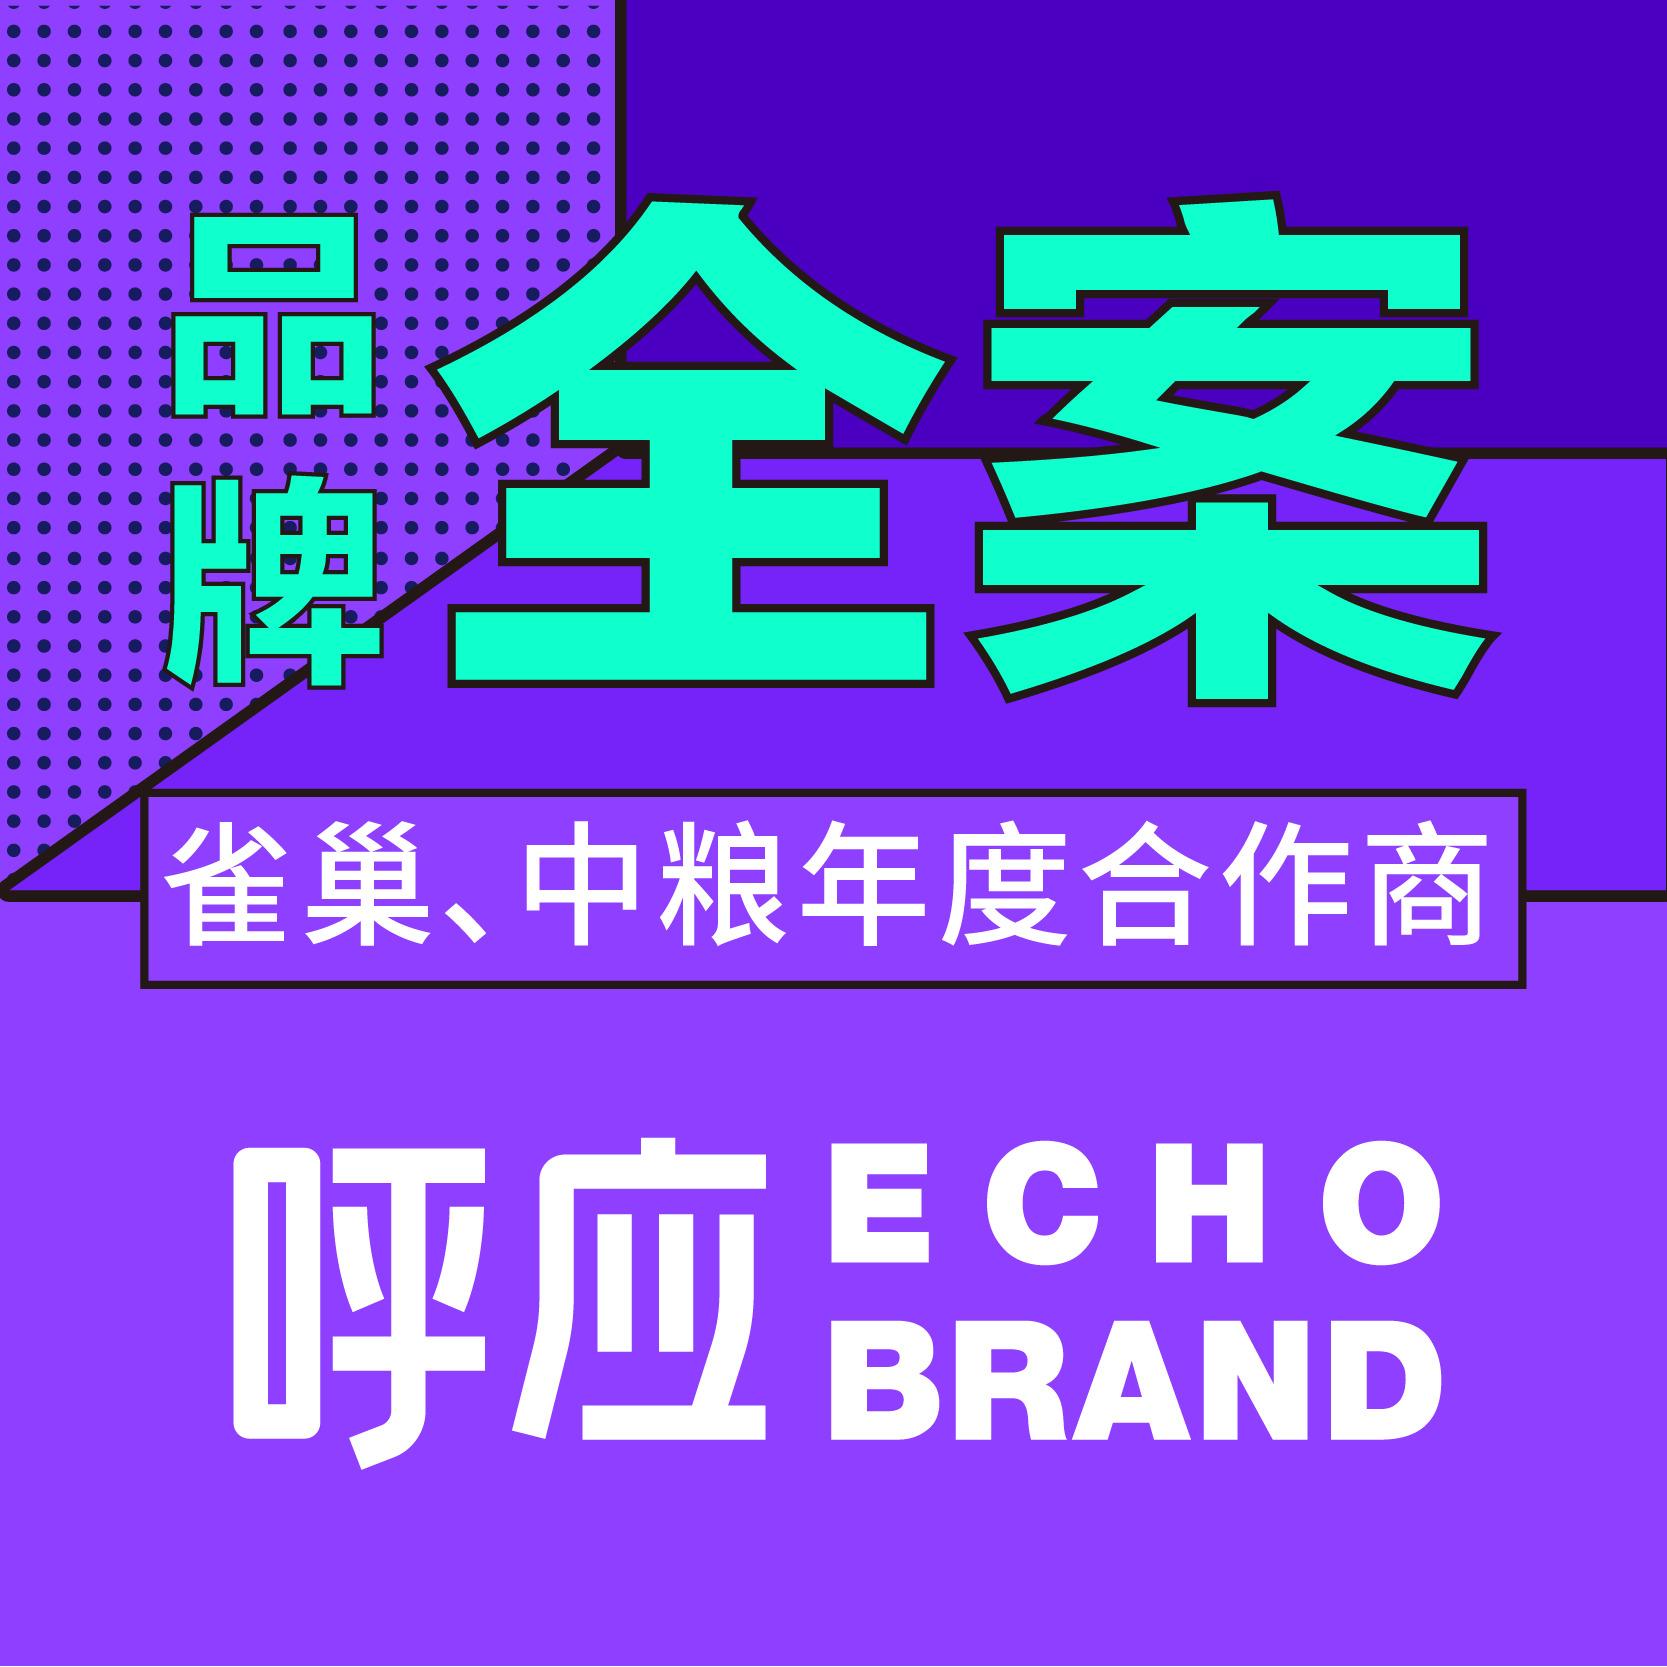 集团 品牌 策划年度服务 全案 设计商业 品牌全案 策划设计服务